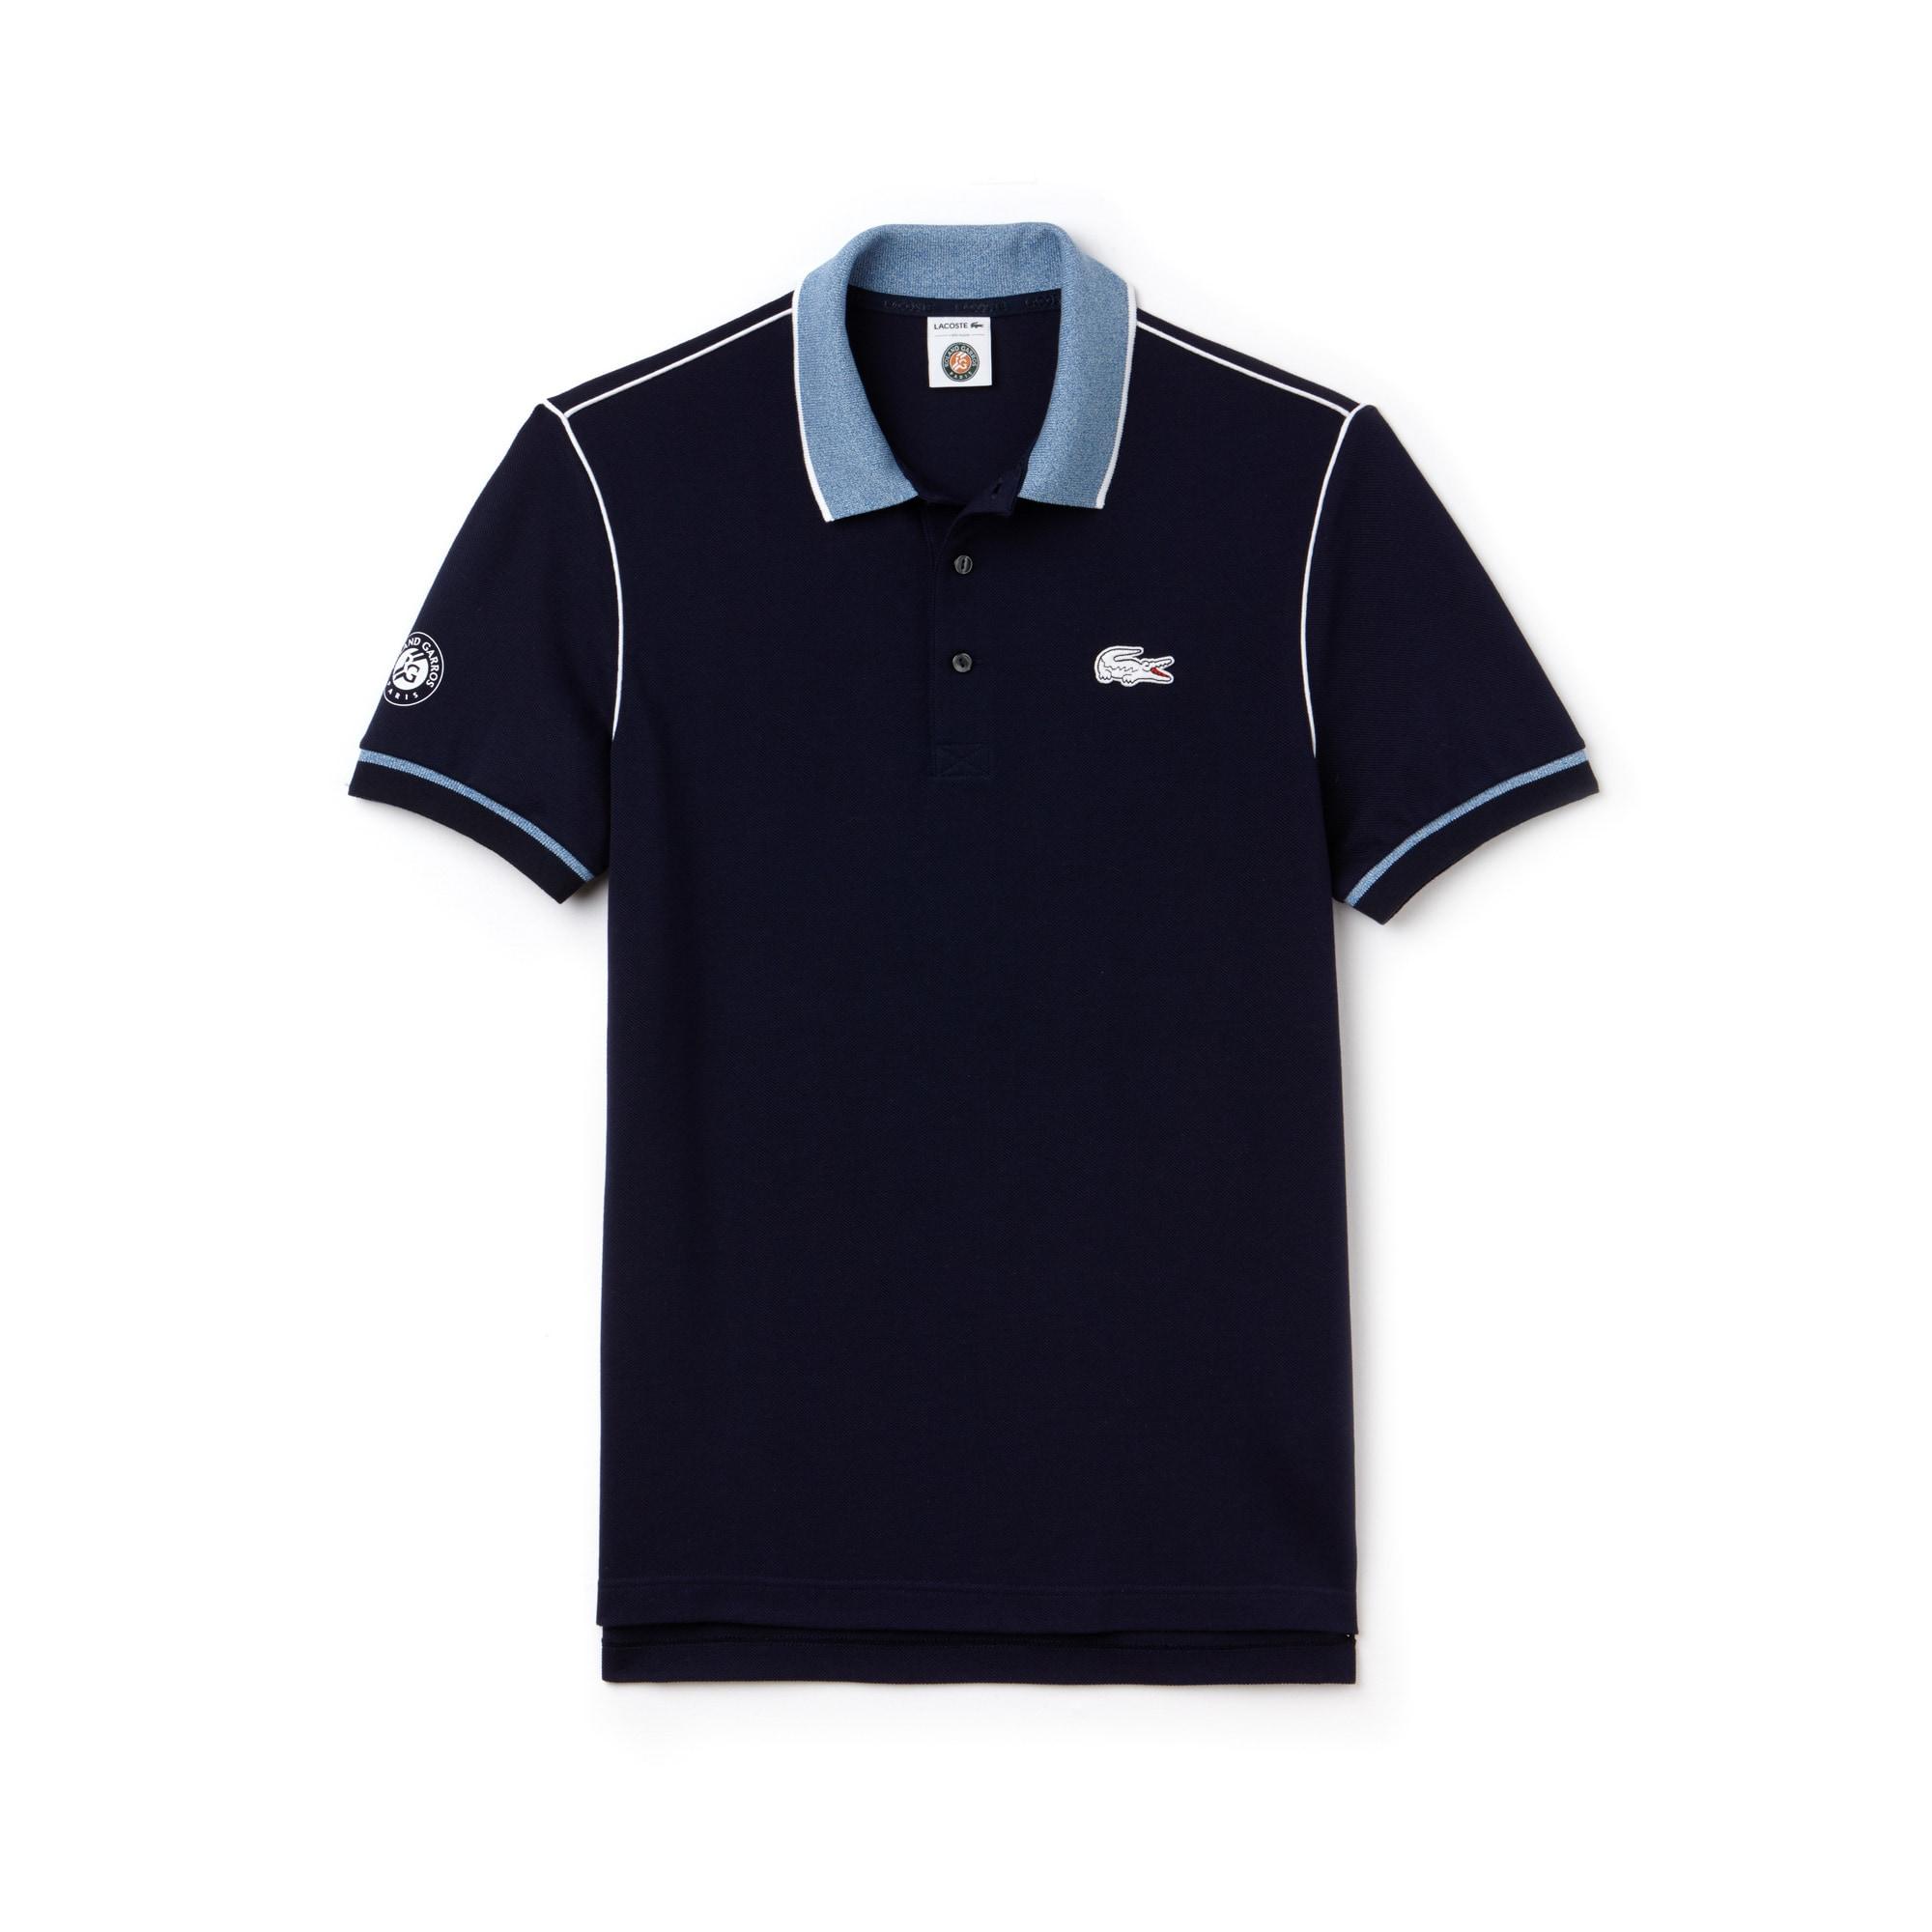 Men's SPORT Roland Garros Edition Piped Piqué Polo